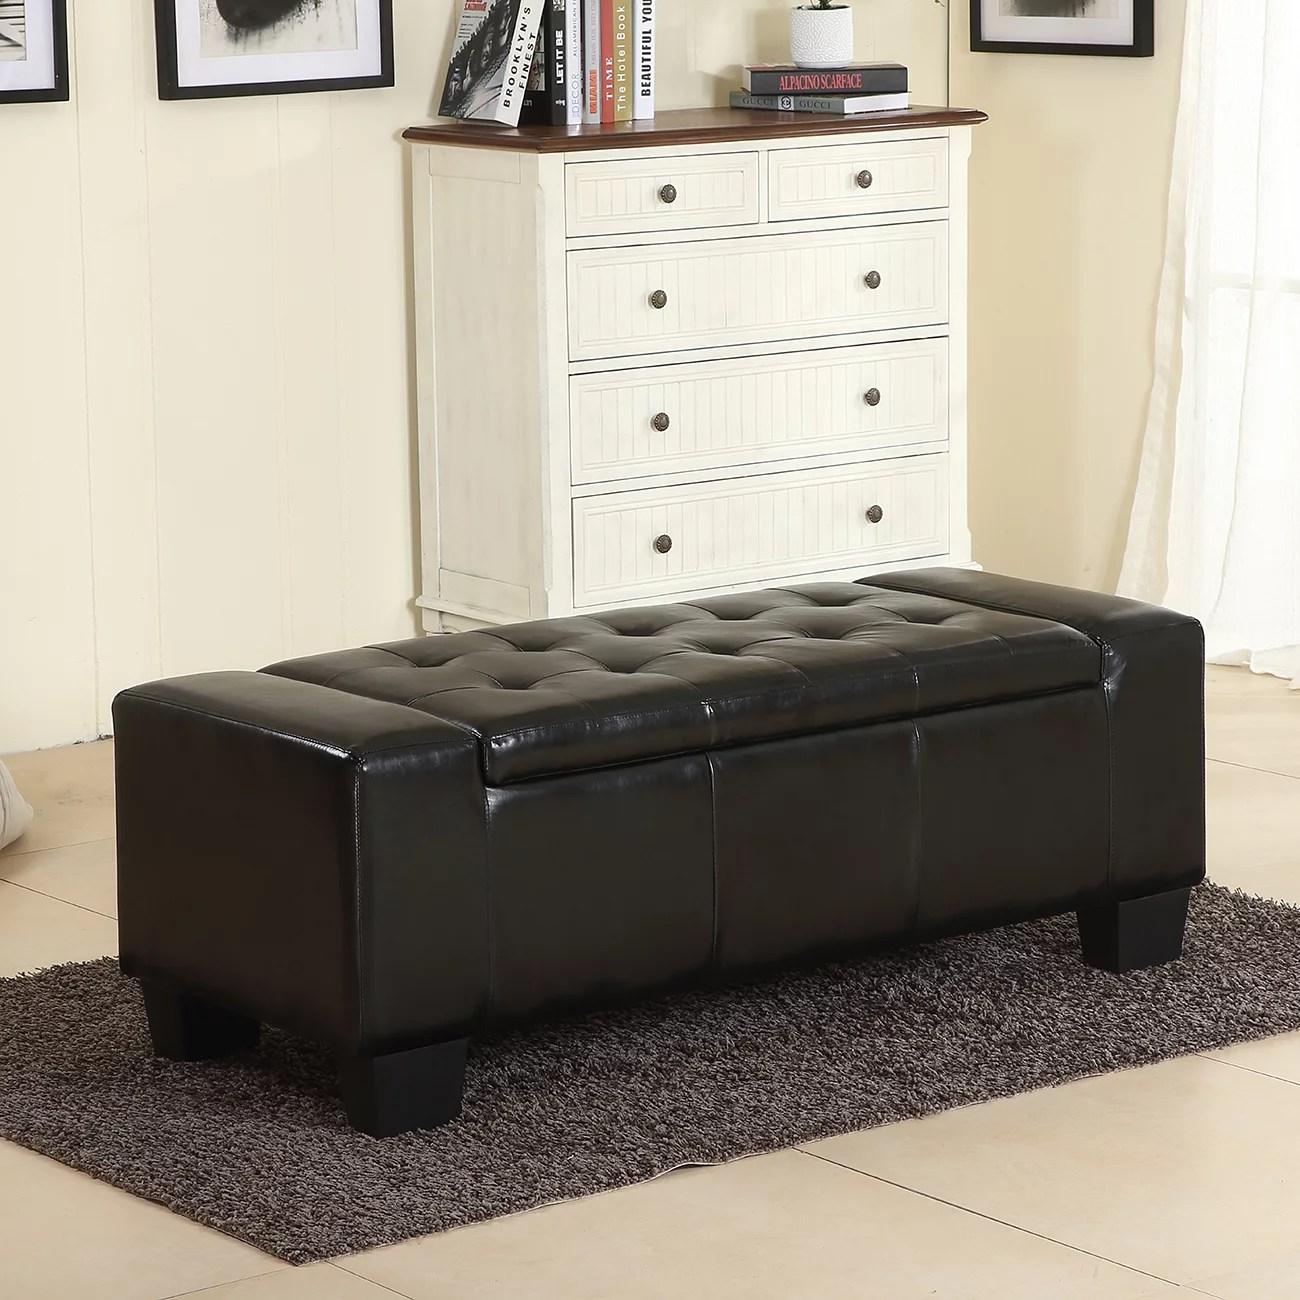 Belleze 51 Quot Storage Ottoman Bench Black Faux Leather Large